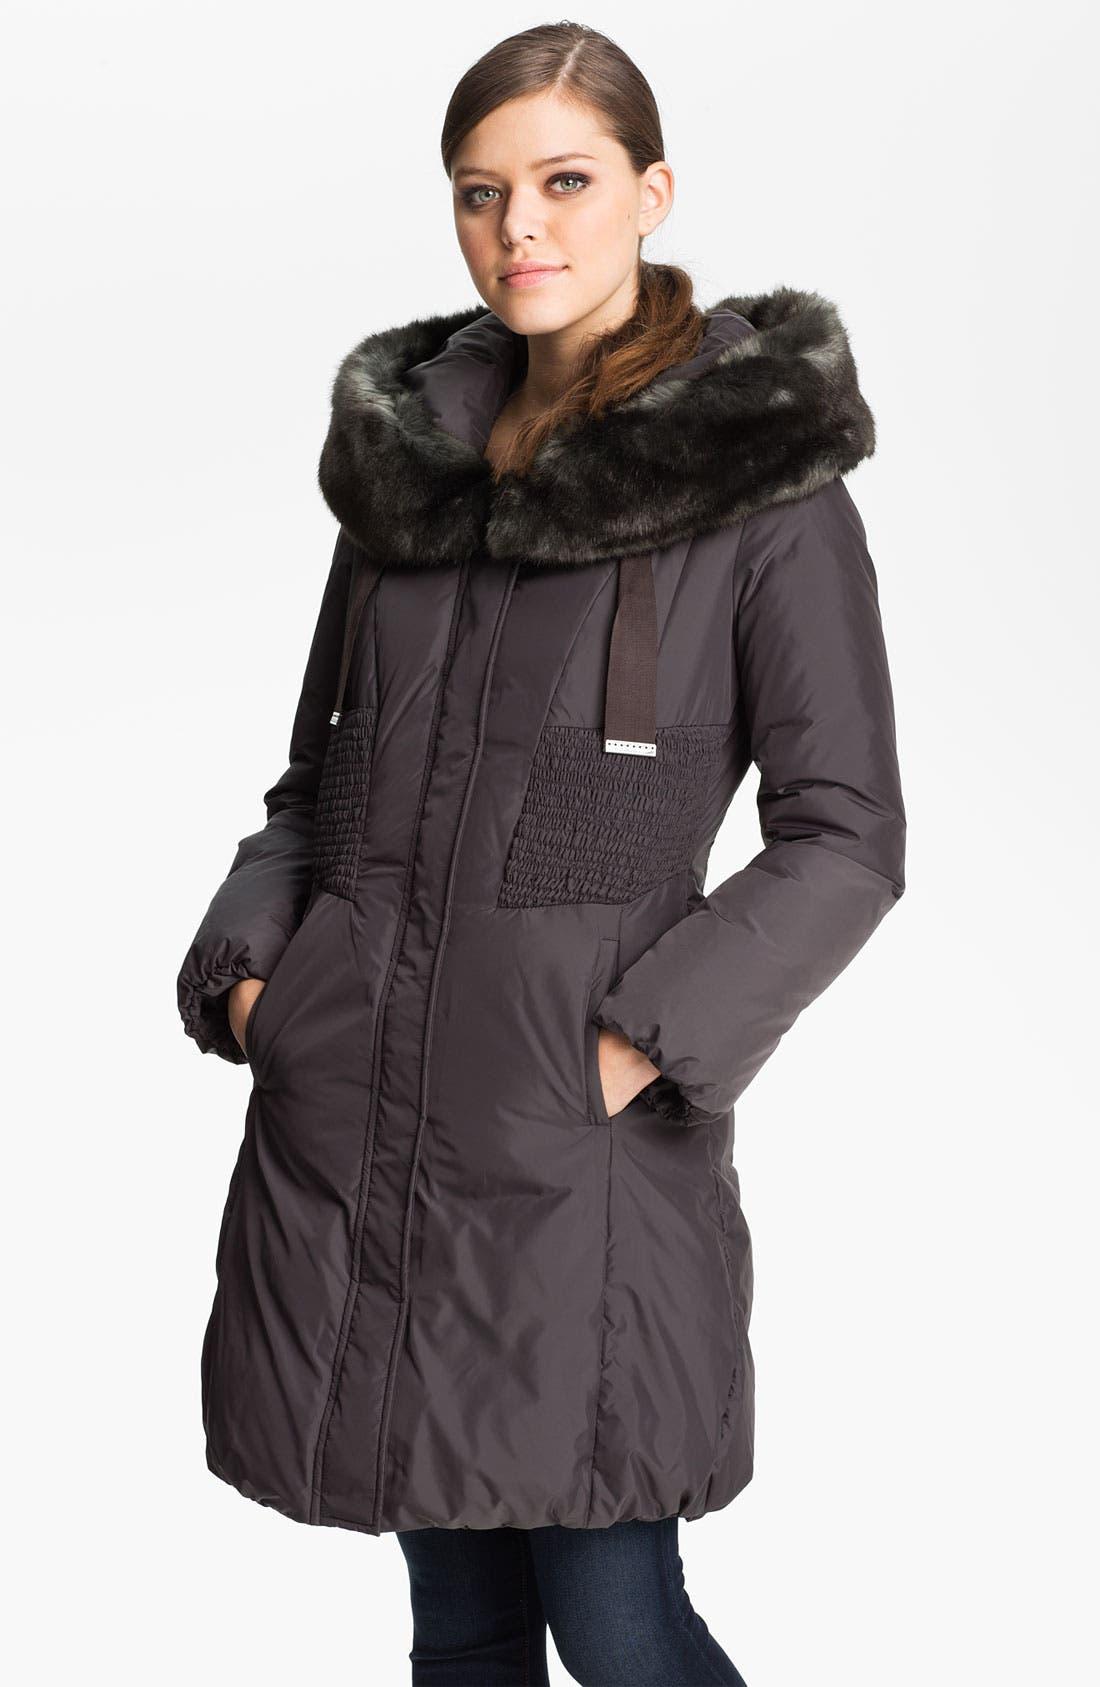 Alternate Image 1 Selected - Tahari 'Nina' Down Coat with Faux Fur Trim